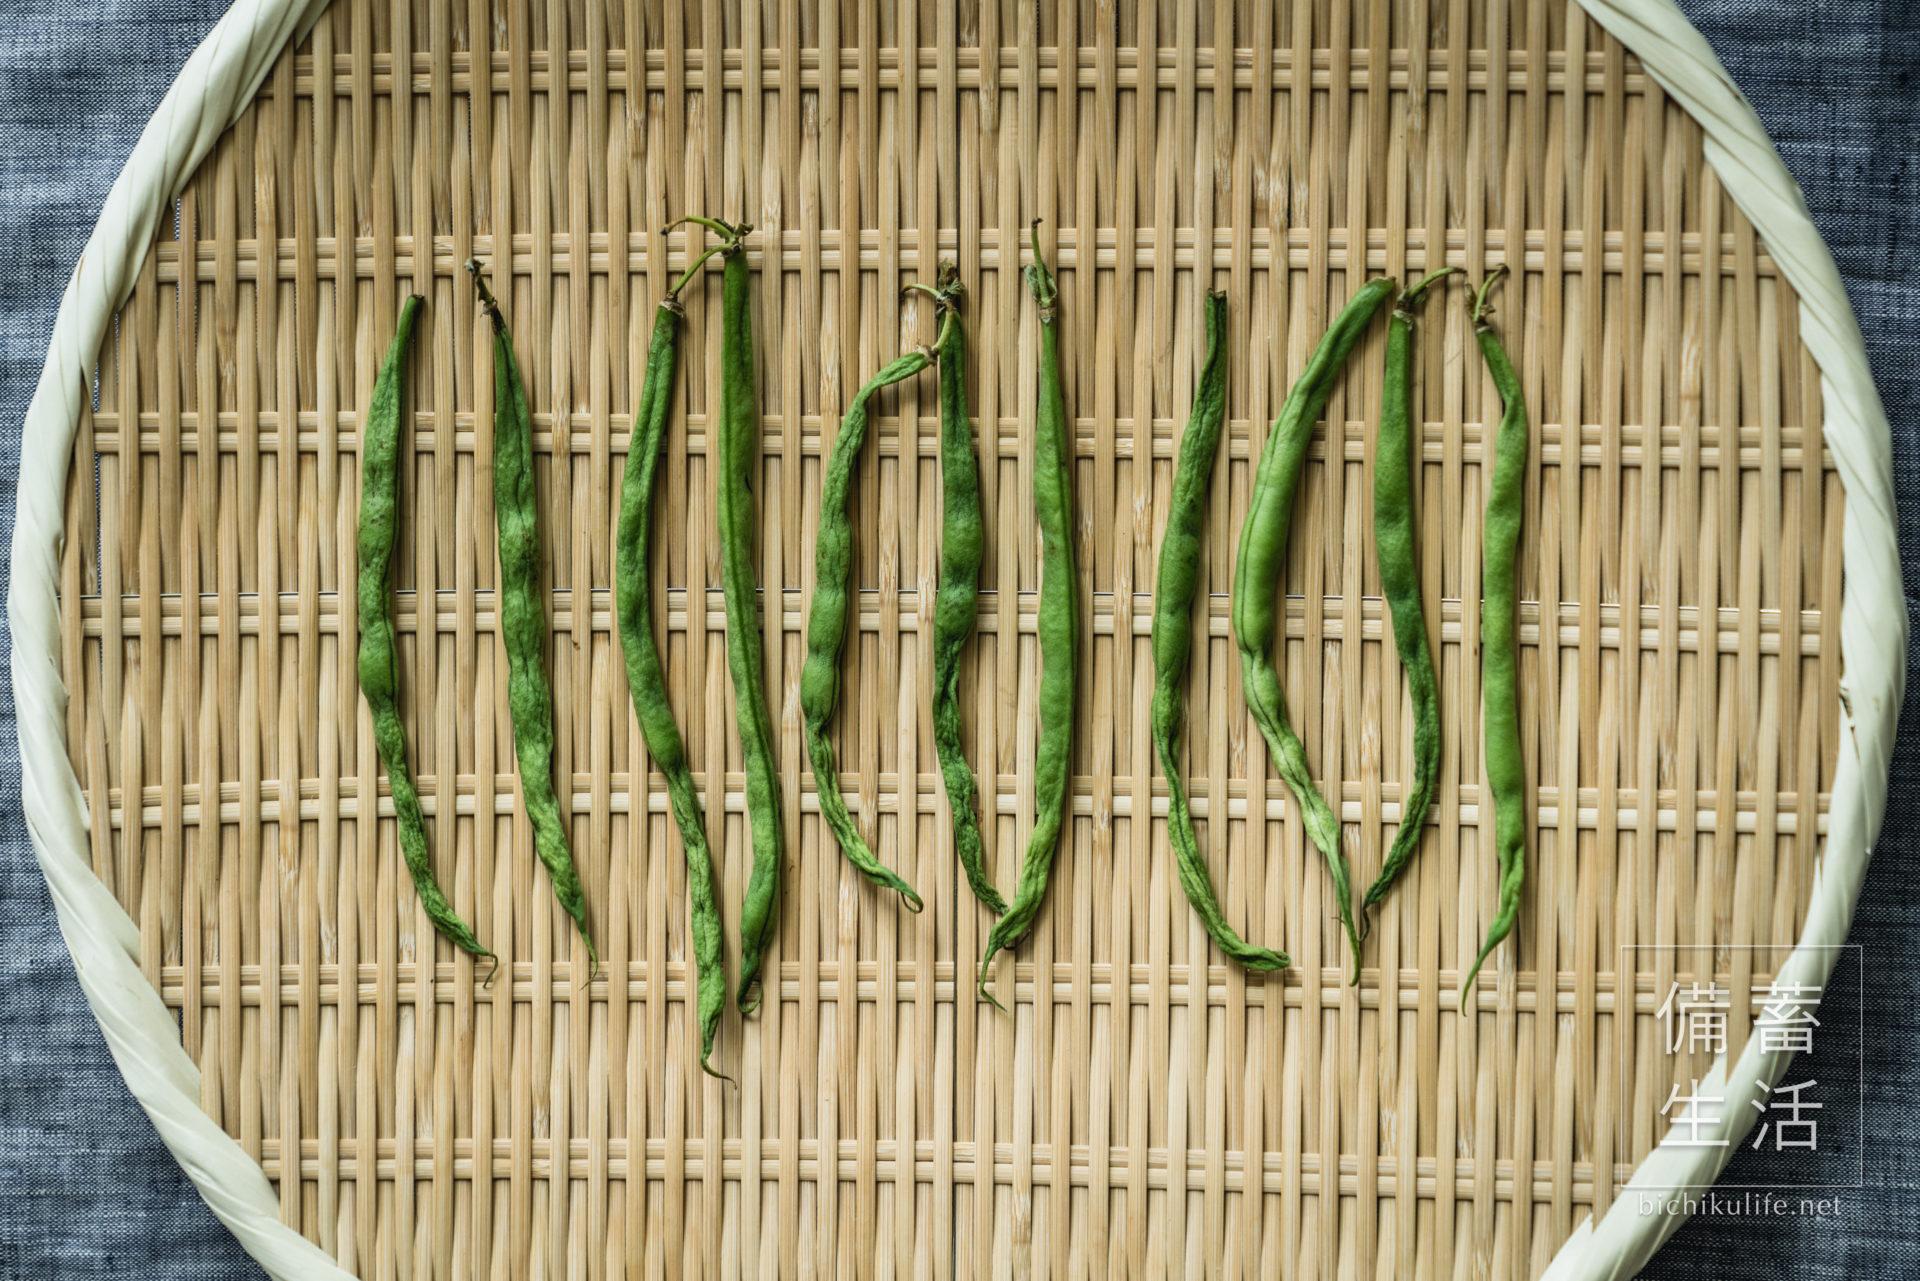 さやいんげん 干し野菜づくり -干しサヤインゲン-さやえんどう 干し野菜づくり -干しサヤエンドウ-